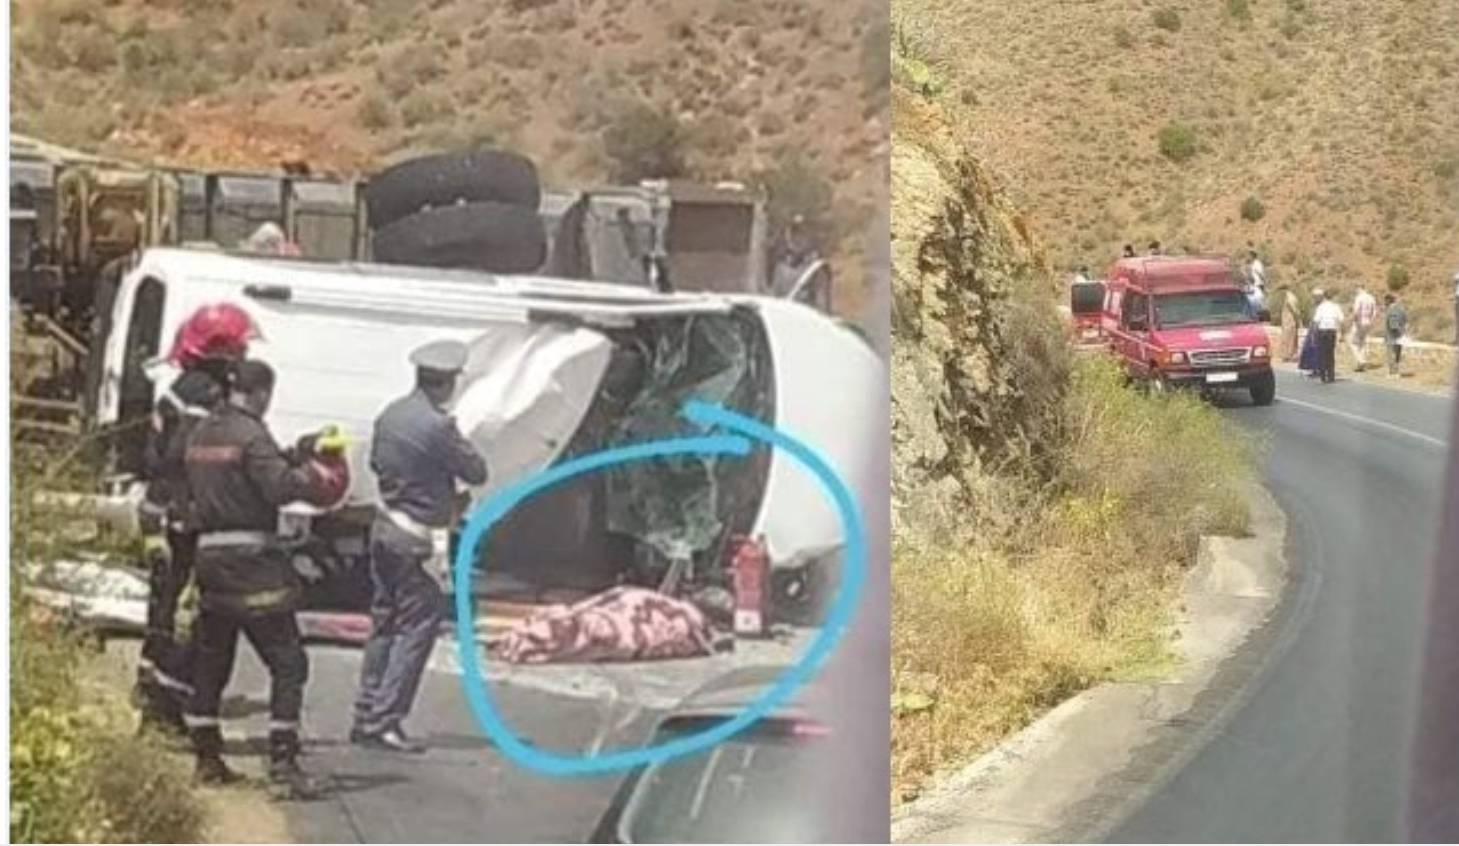 مصرع شخصين وإصابة خمسة آخرين في حادثة سير مميتة ضواحي سيدي إفني